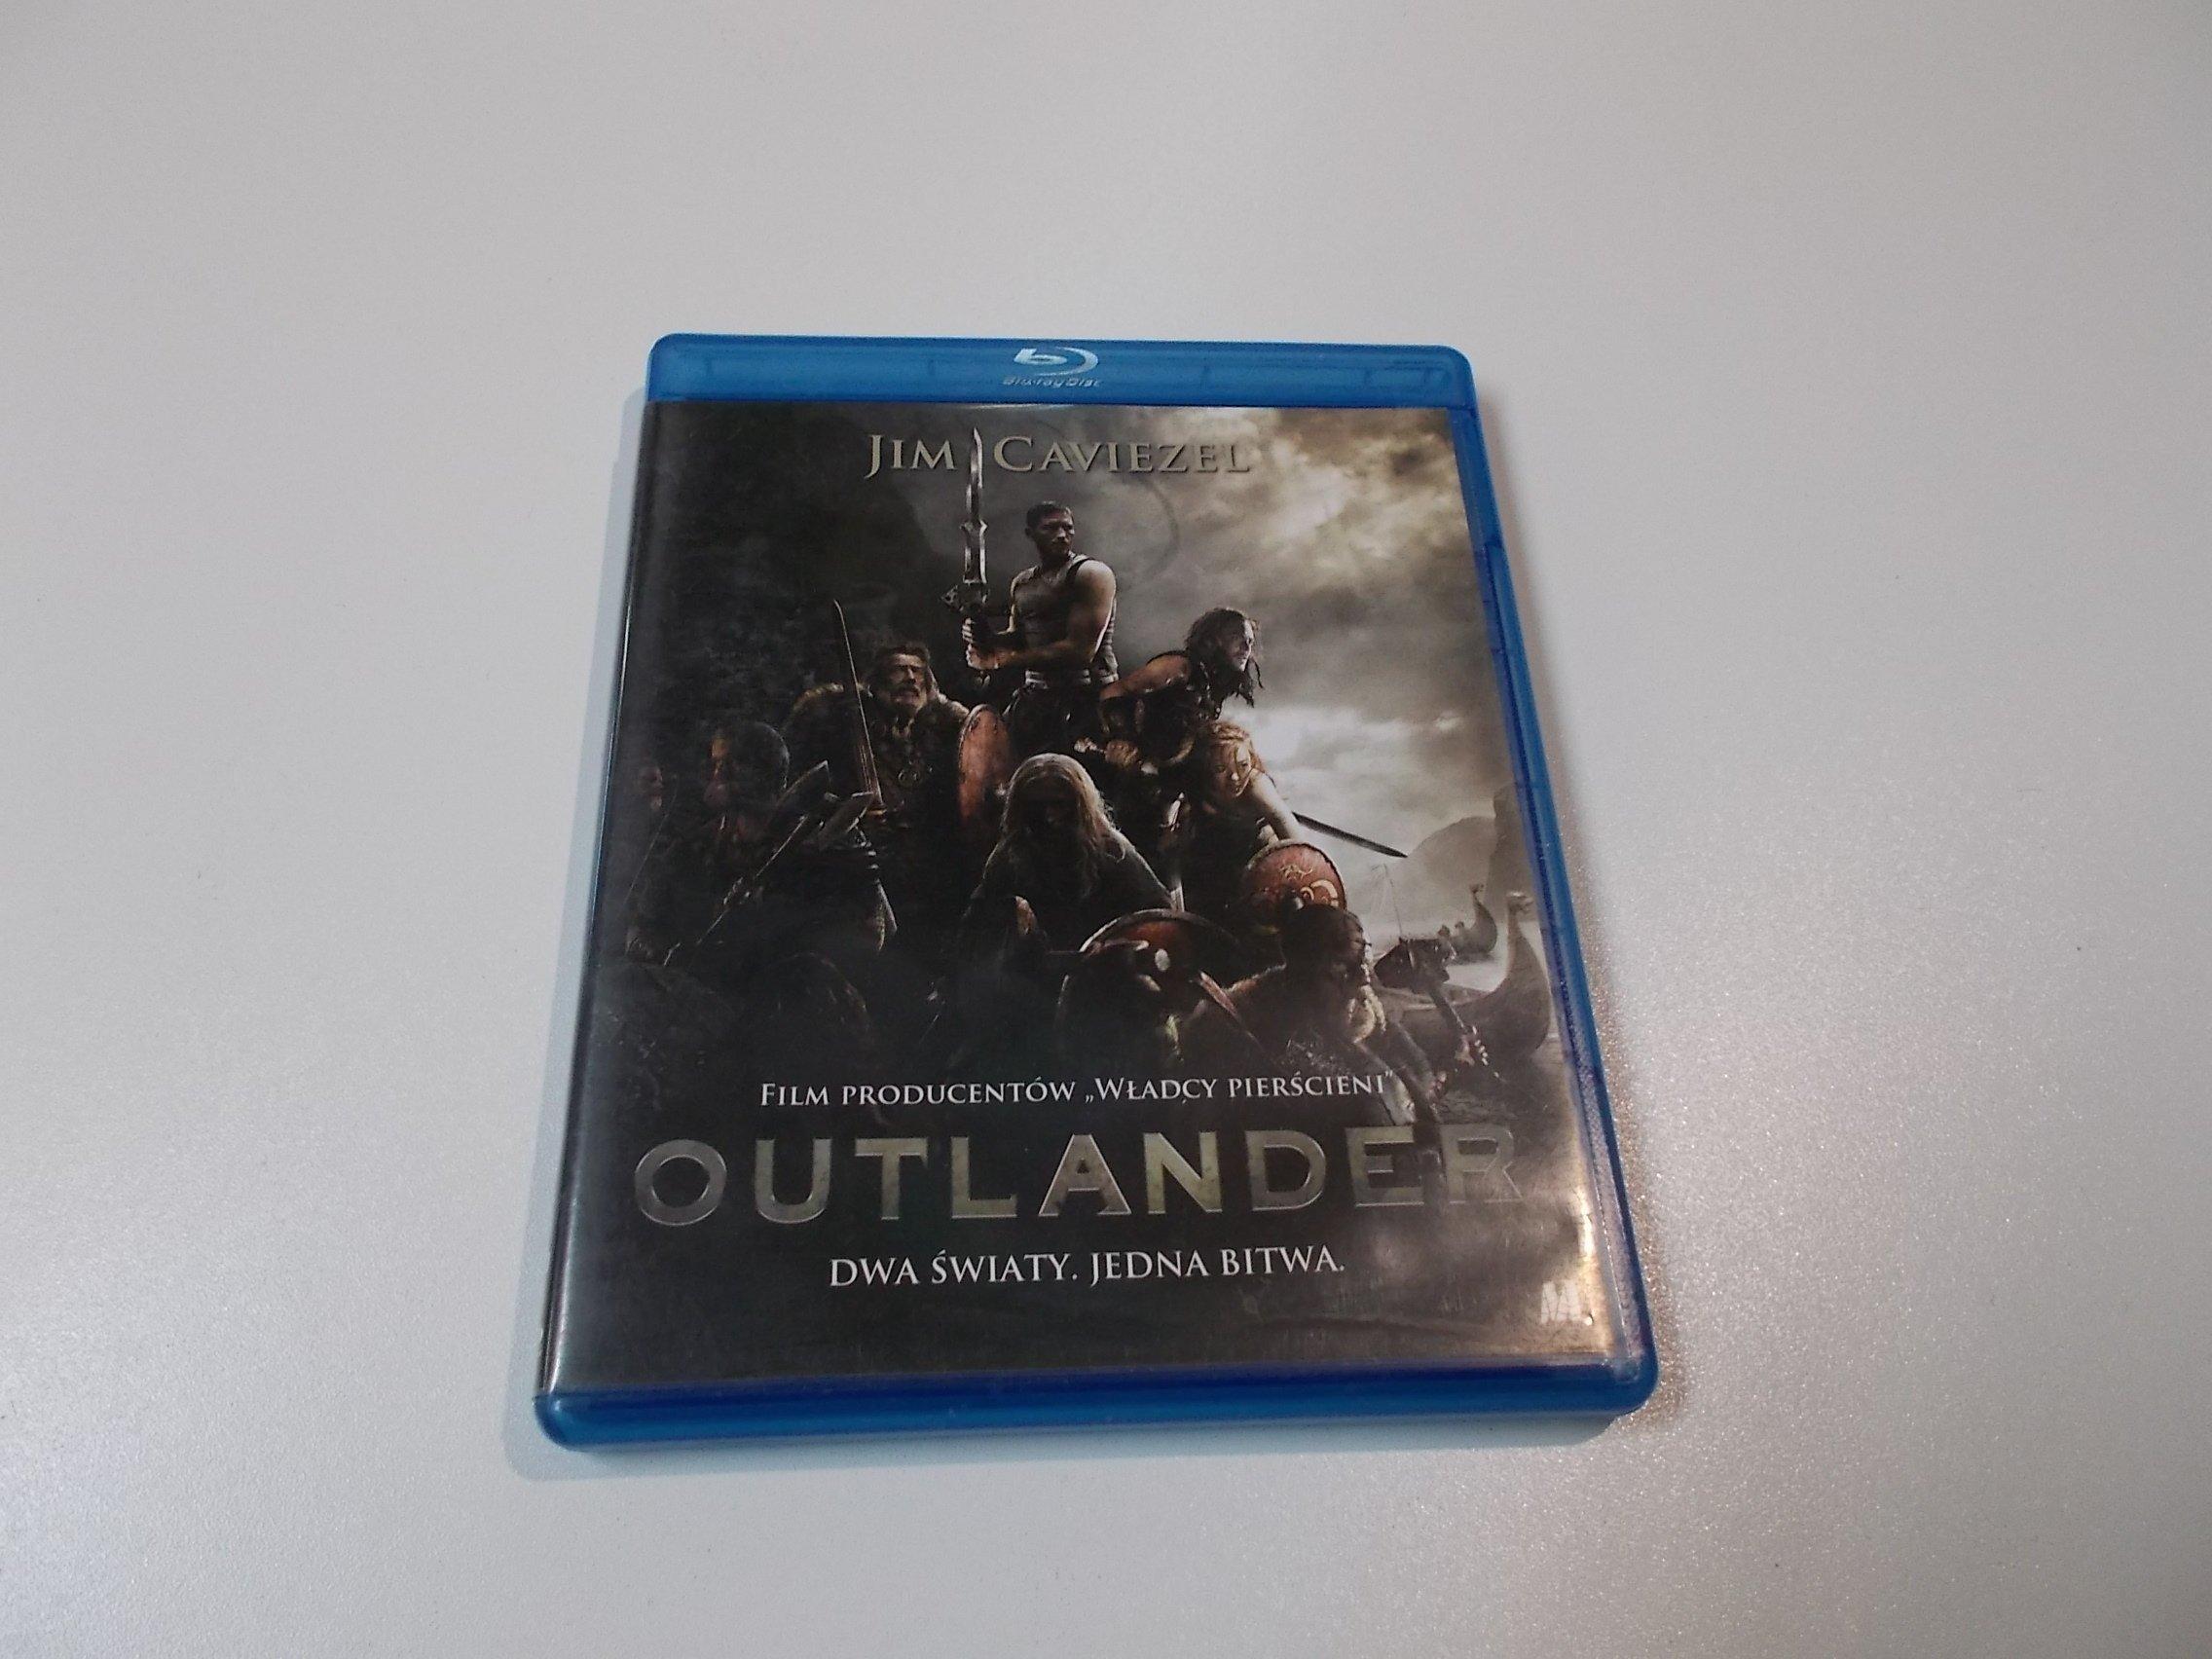 Outlander - Blu-ray - Sklep